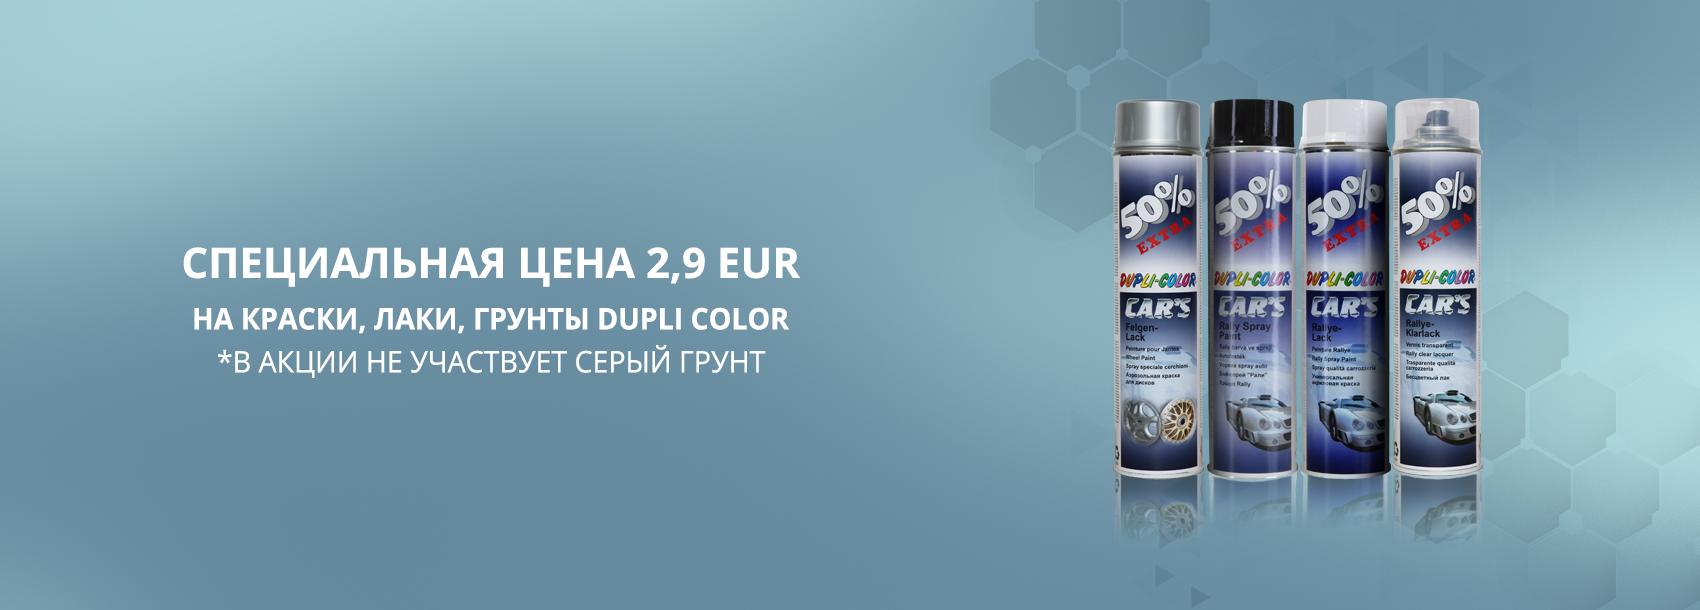 Специальная цена на лак, краску и грунты Dupli Color